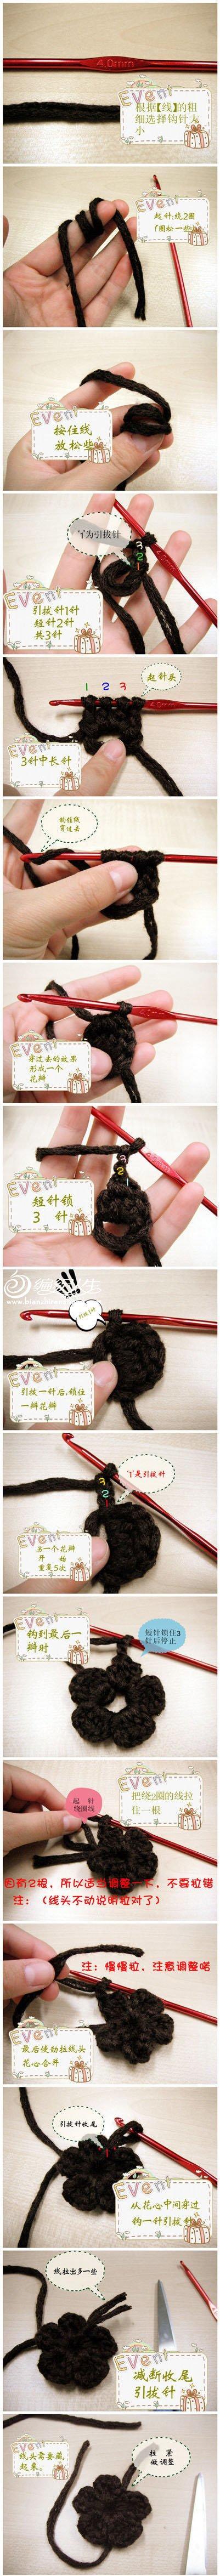 手工编织教程